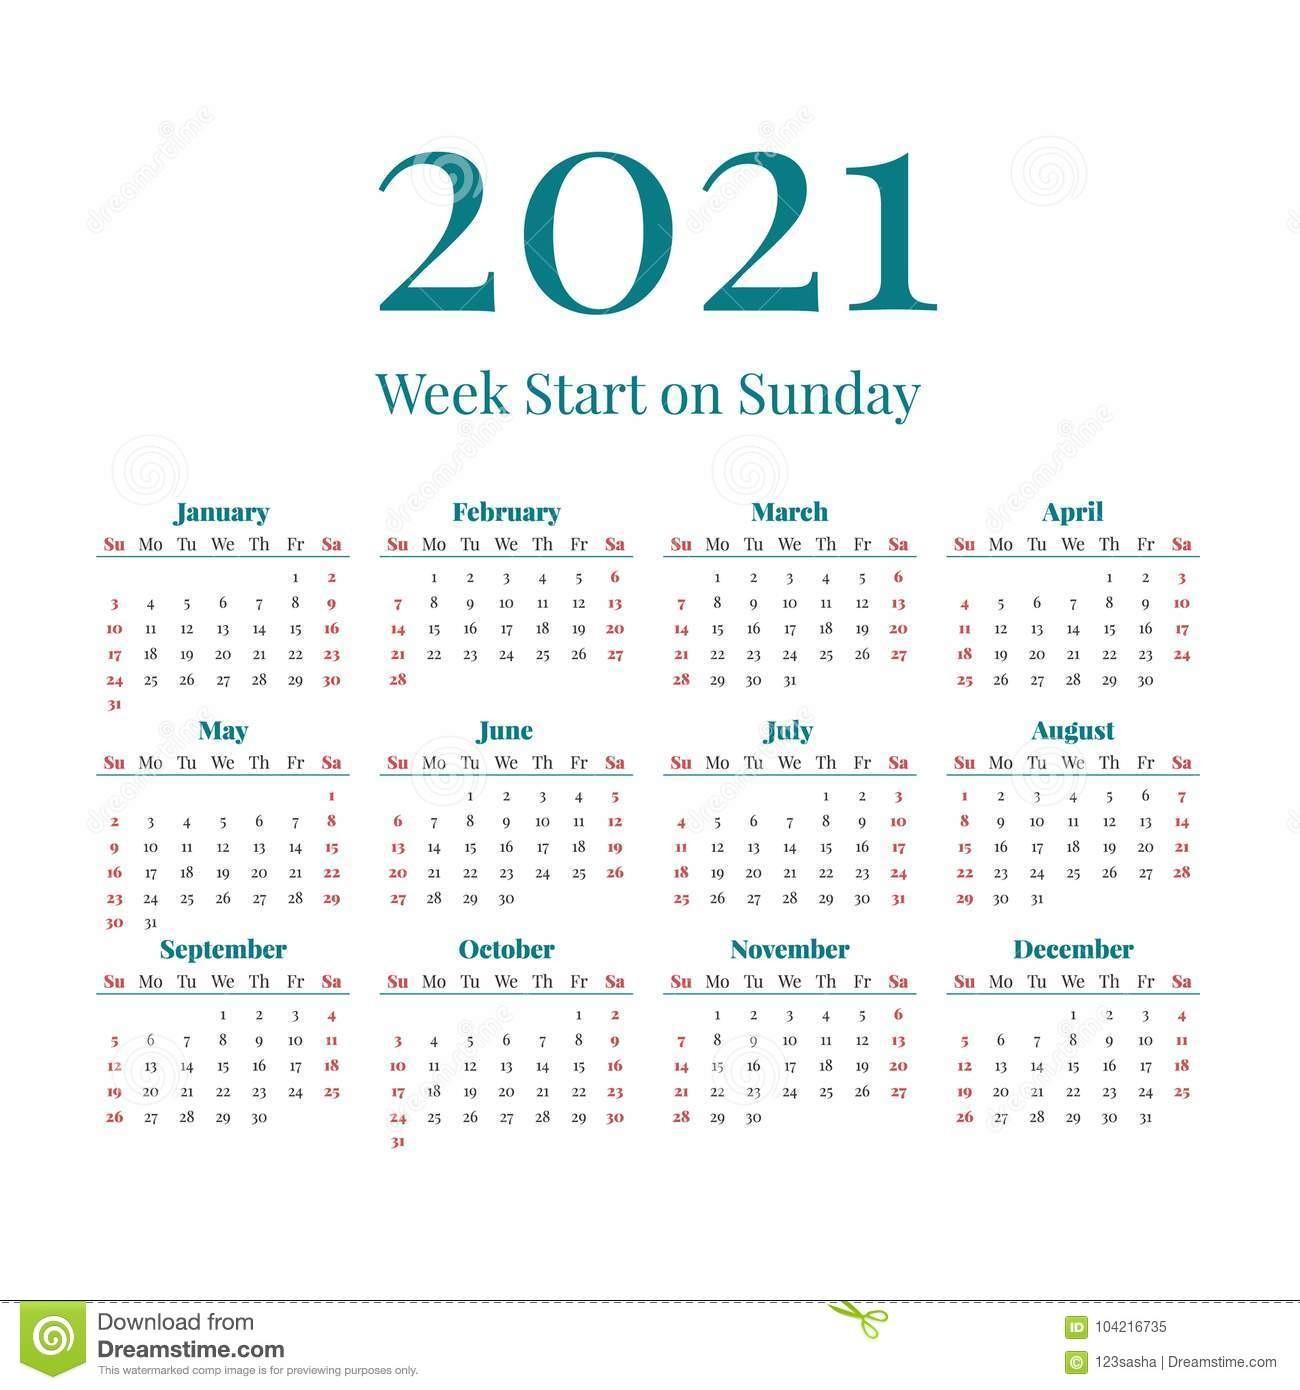 un calendario semplice da anno image